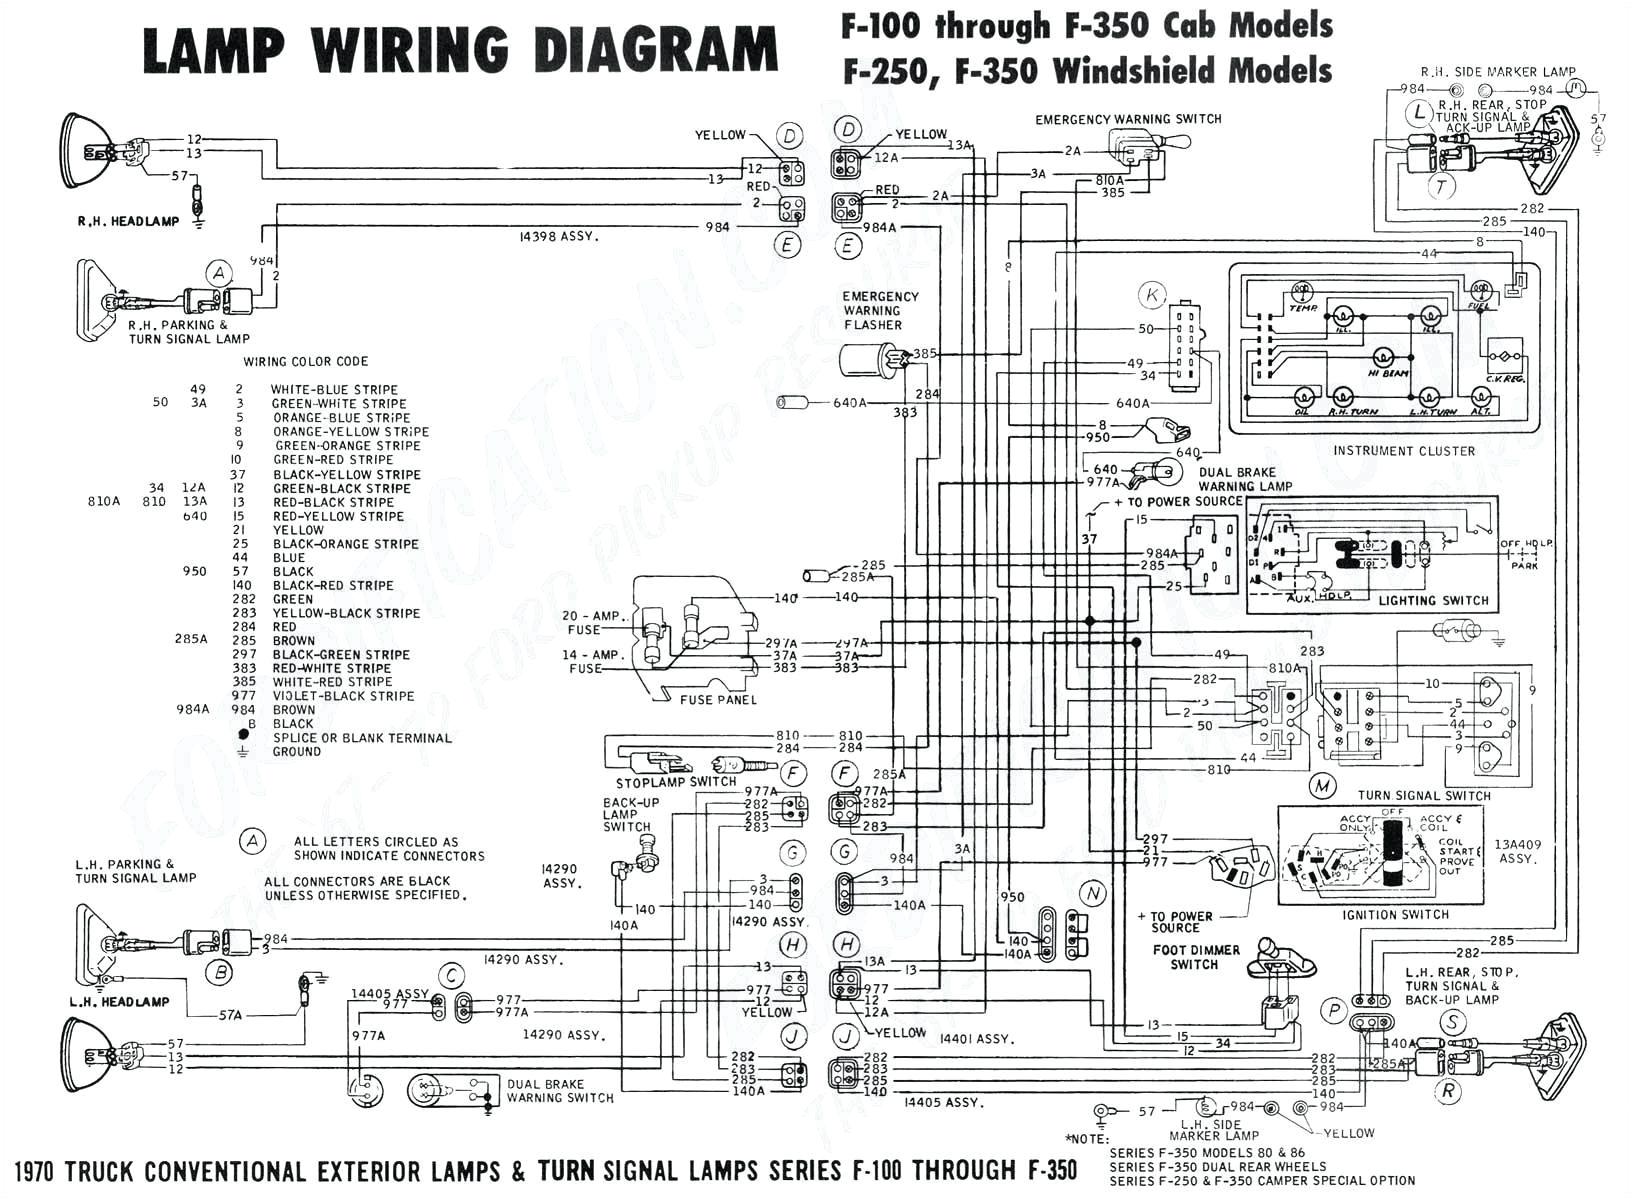 1979 ford f250 wiring diagram wiring diagram 79 ford f 250 alternator wiring